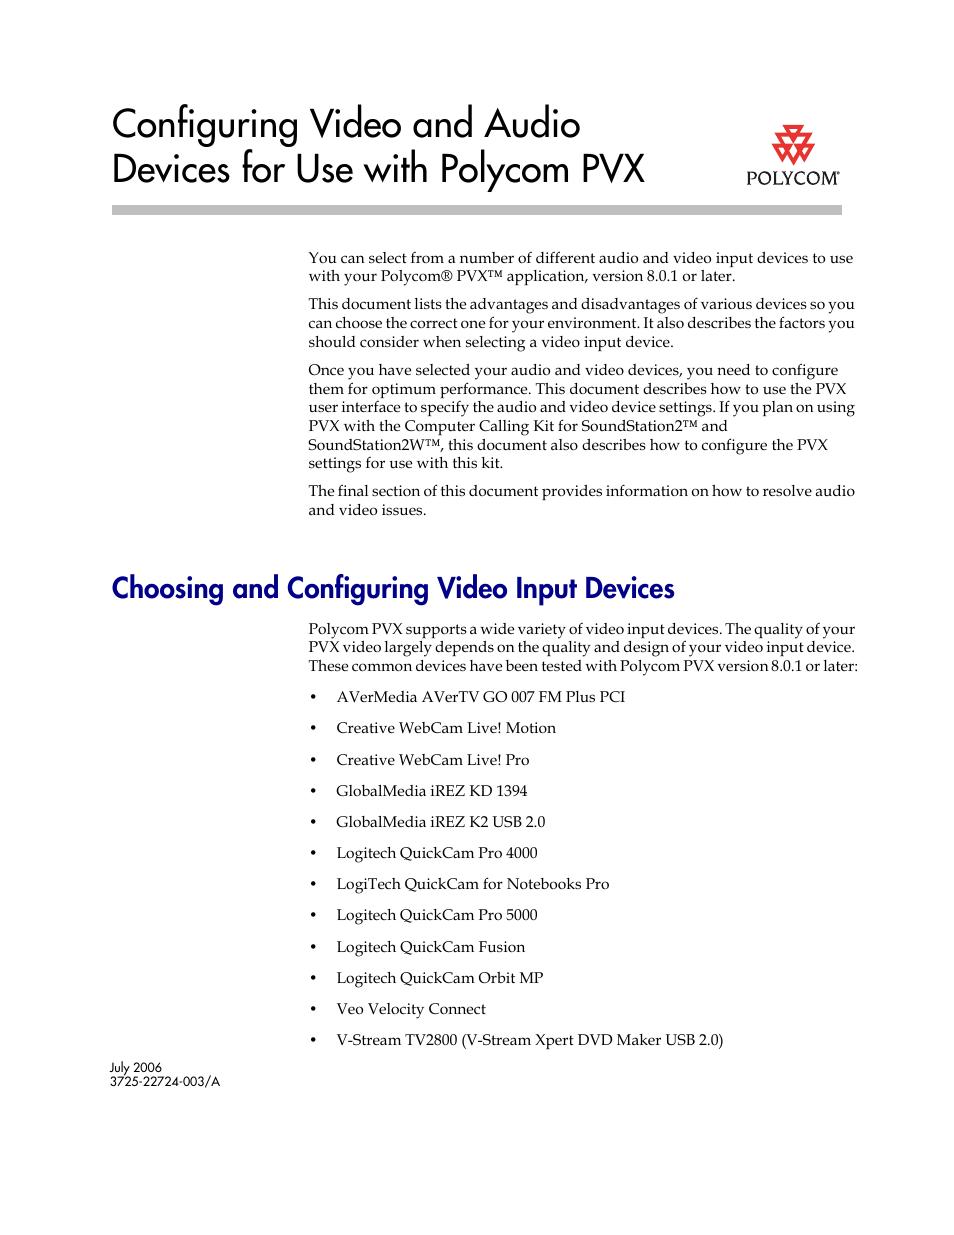 polycom 3725 22724 003 a user manual 12 pages rh manualsdir com